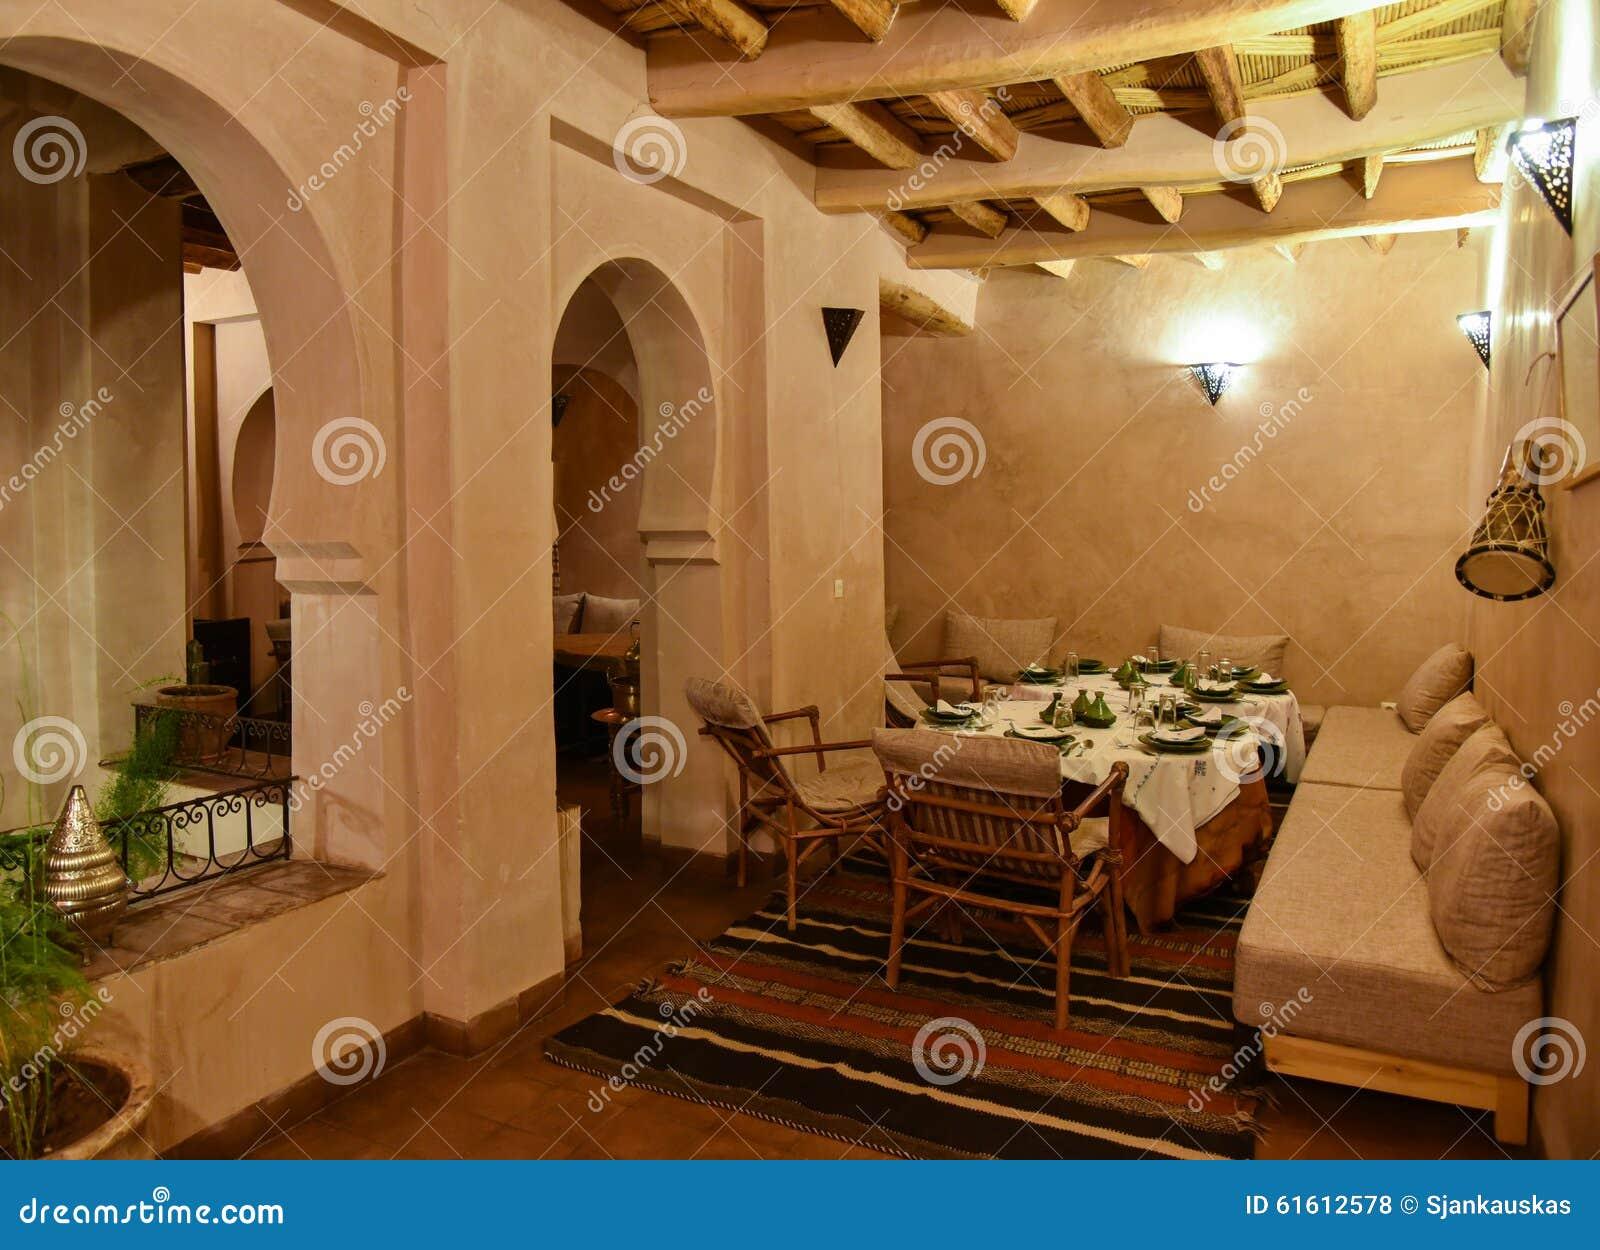 salle manger marocaine d 39 int rieur de riad de maison photo stock image 61612578. Black Bedroom Furniture Sets. Home Design Ideas